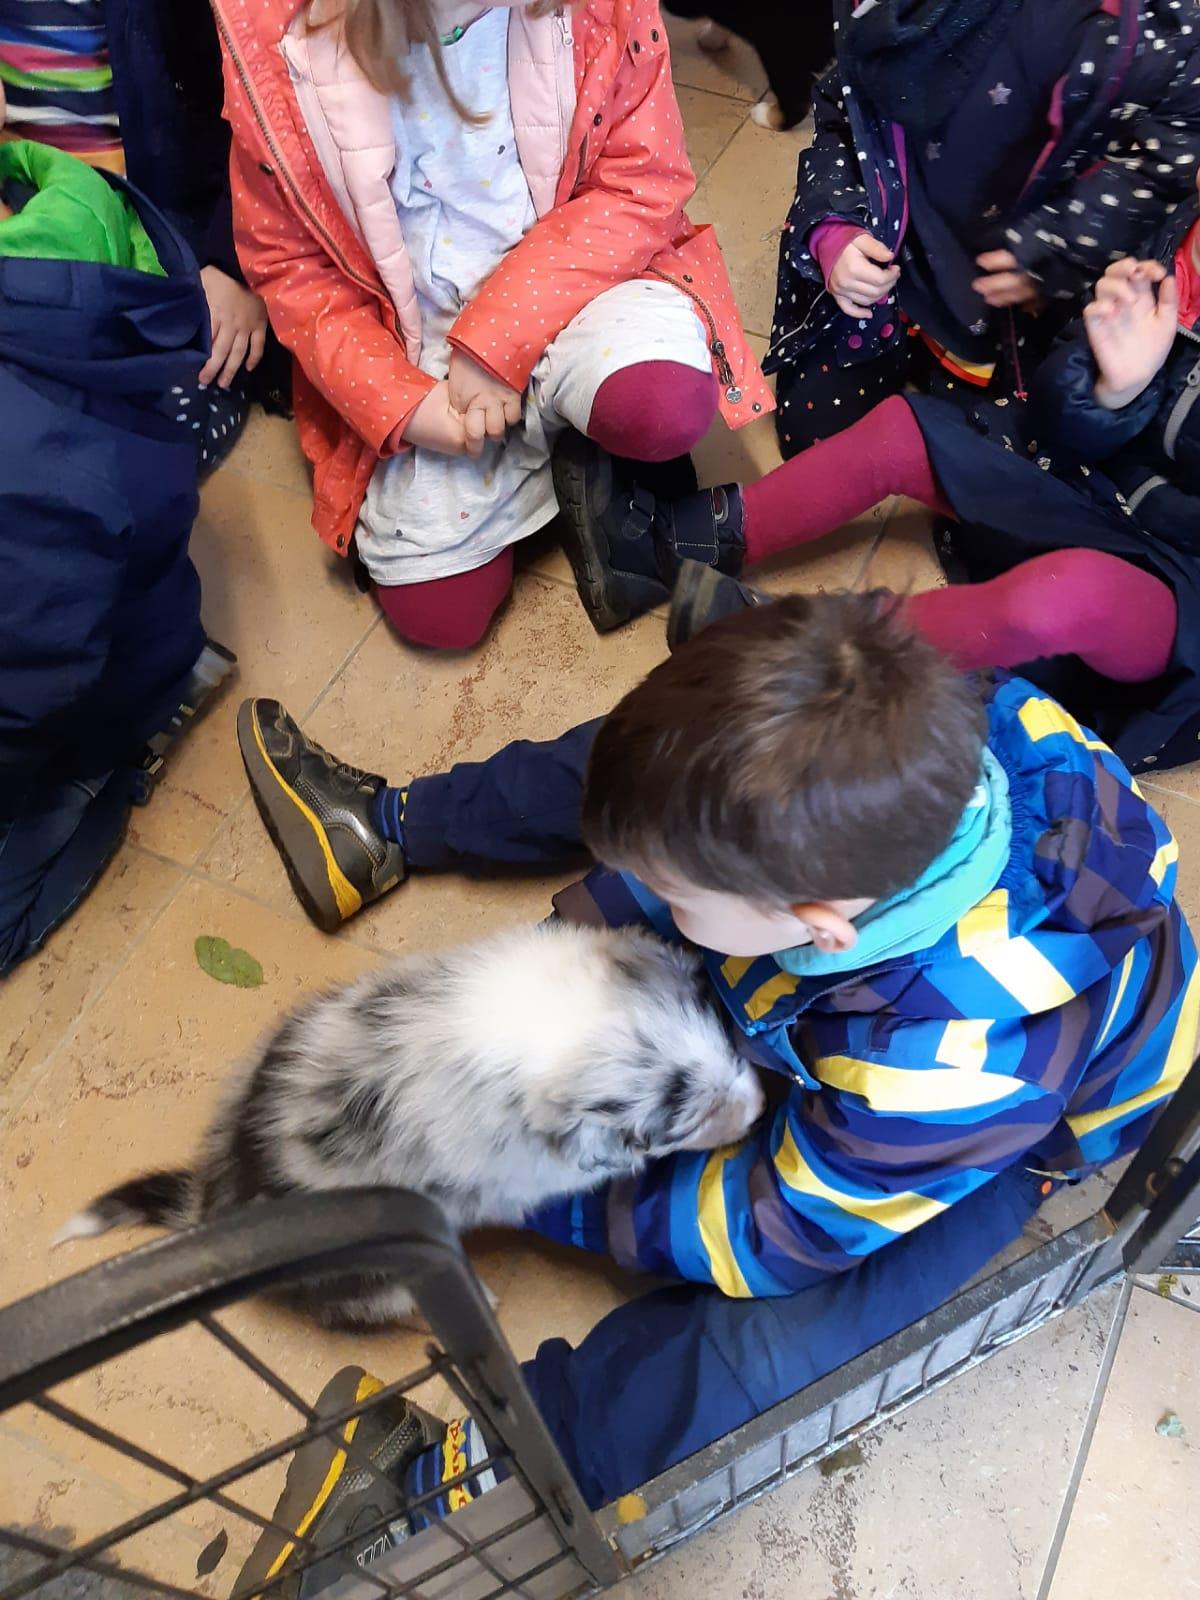 Seven Henry Welpen Kinder volle Dröhnung Bild 6 - Einsatz als Therapiehund